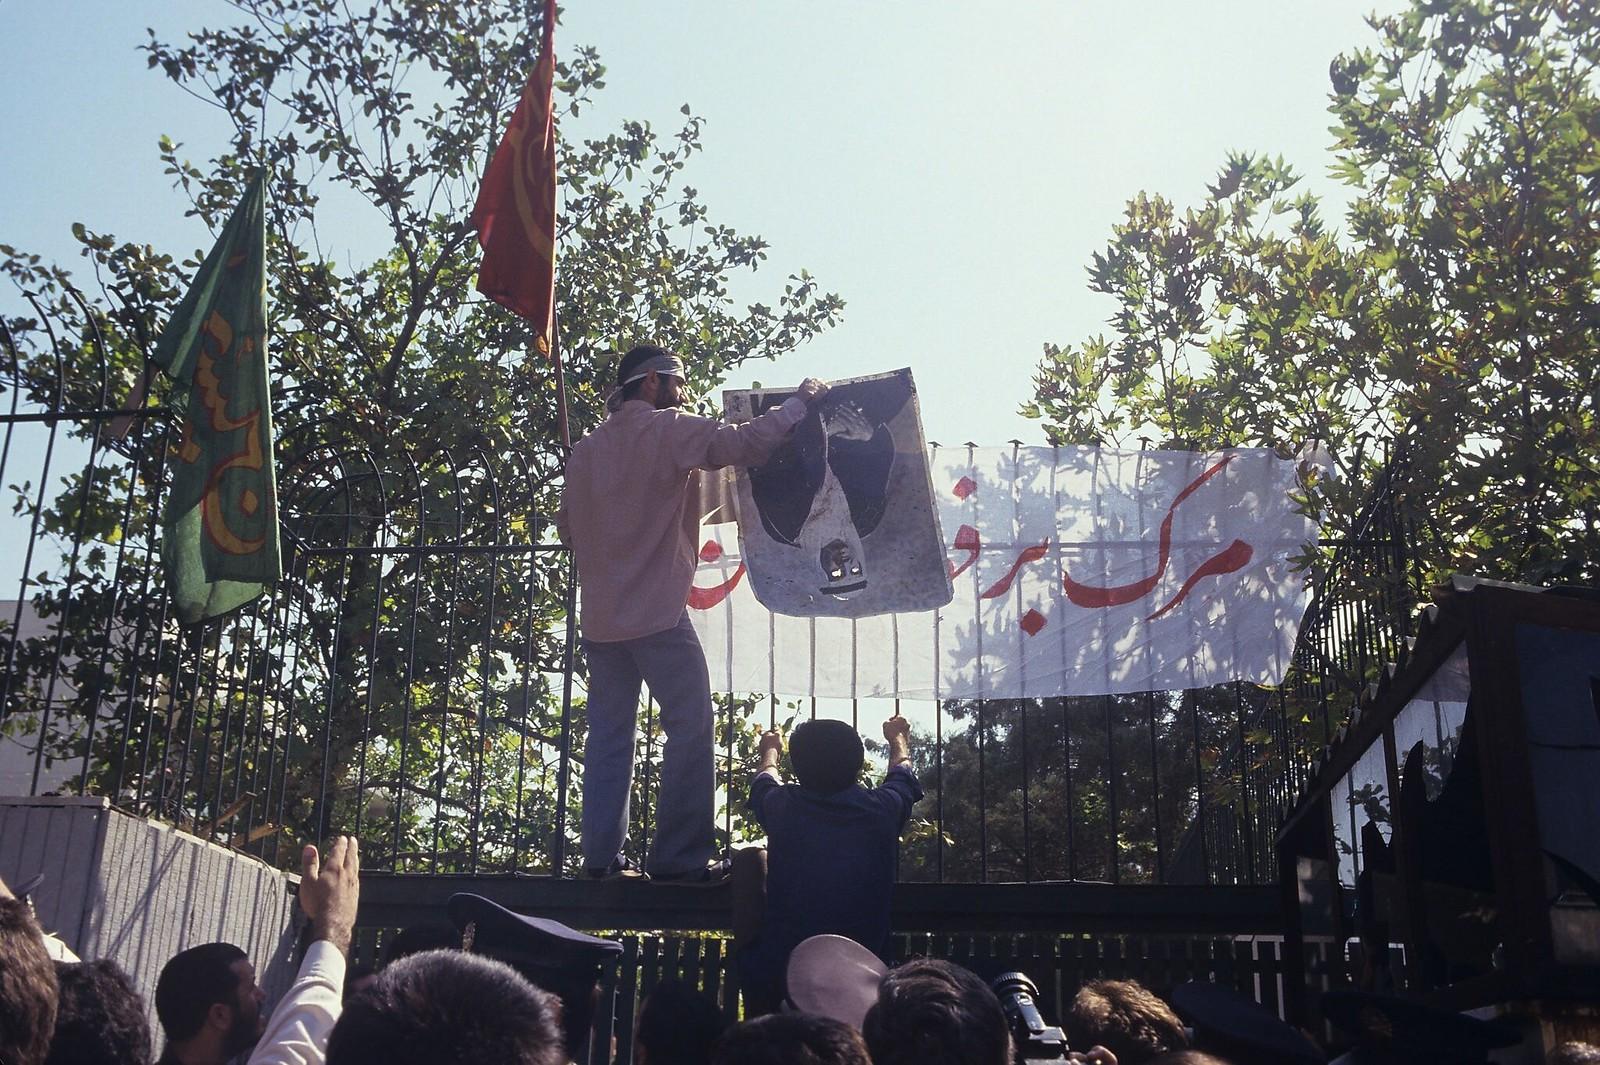 1987. Демонстранты протестуют у посольства Саудовской Аравии. Тегеран, 1 августа. Накануне сотни паломников (в основном иранцев) погибли во время ежегодной церемонии хаджа в Мекке; некоторые были застрелены саудовской полицией и службой безопасности, друг